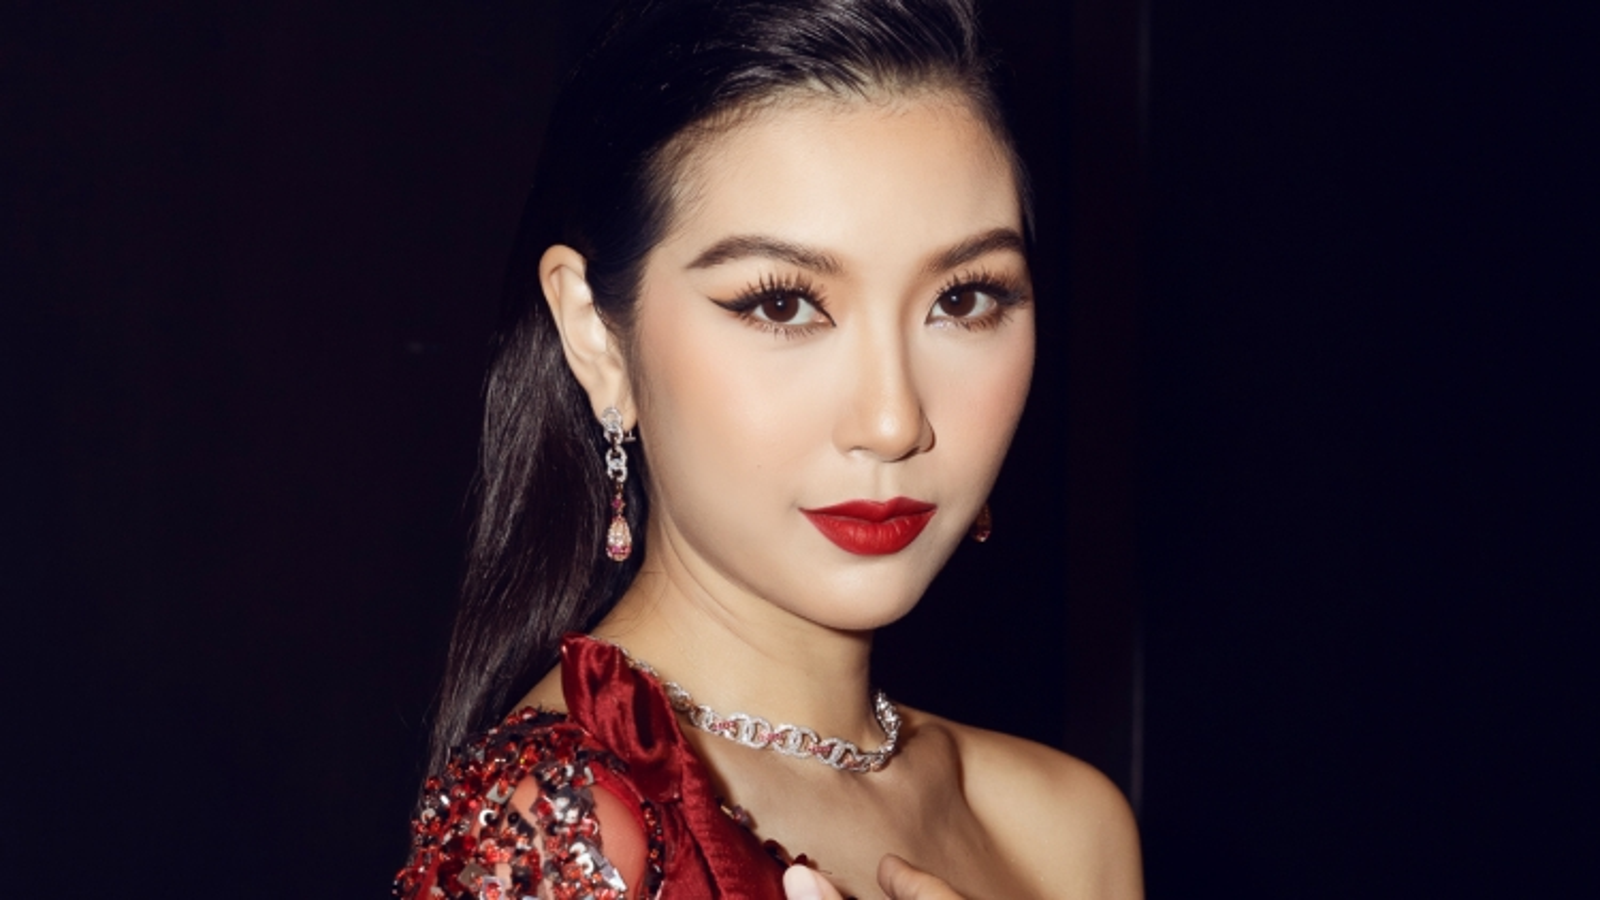 Á hậu Thuý Vân diện trang sức 700 triệu đồng, làm giám khảo cuộc thi sắc đẹp